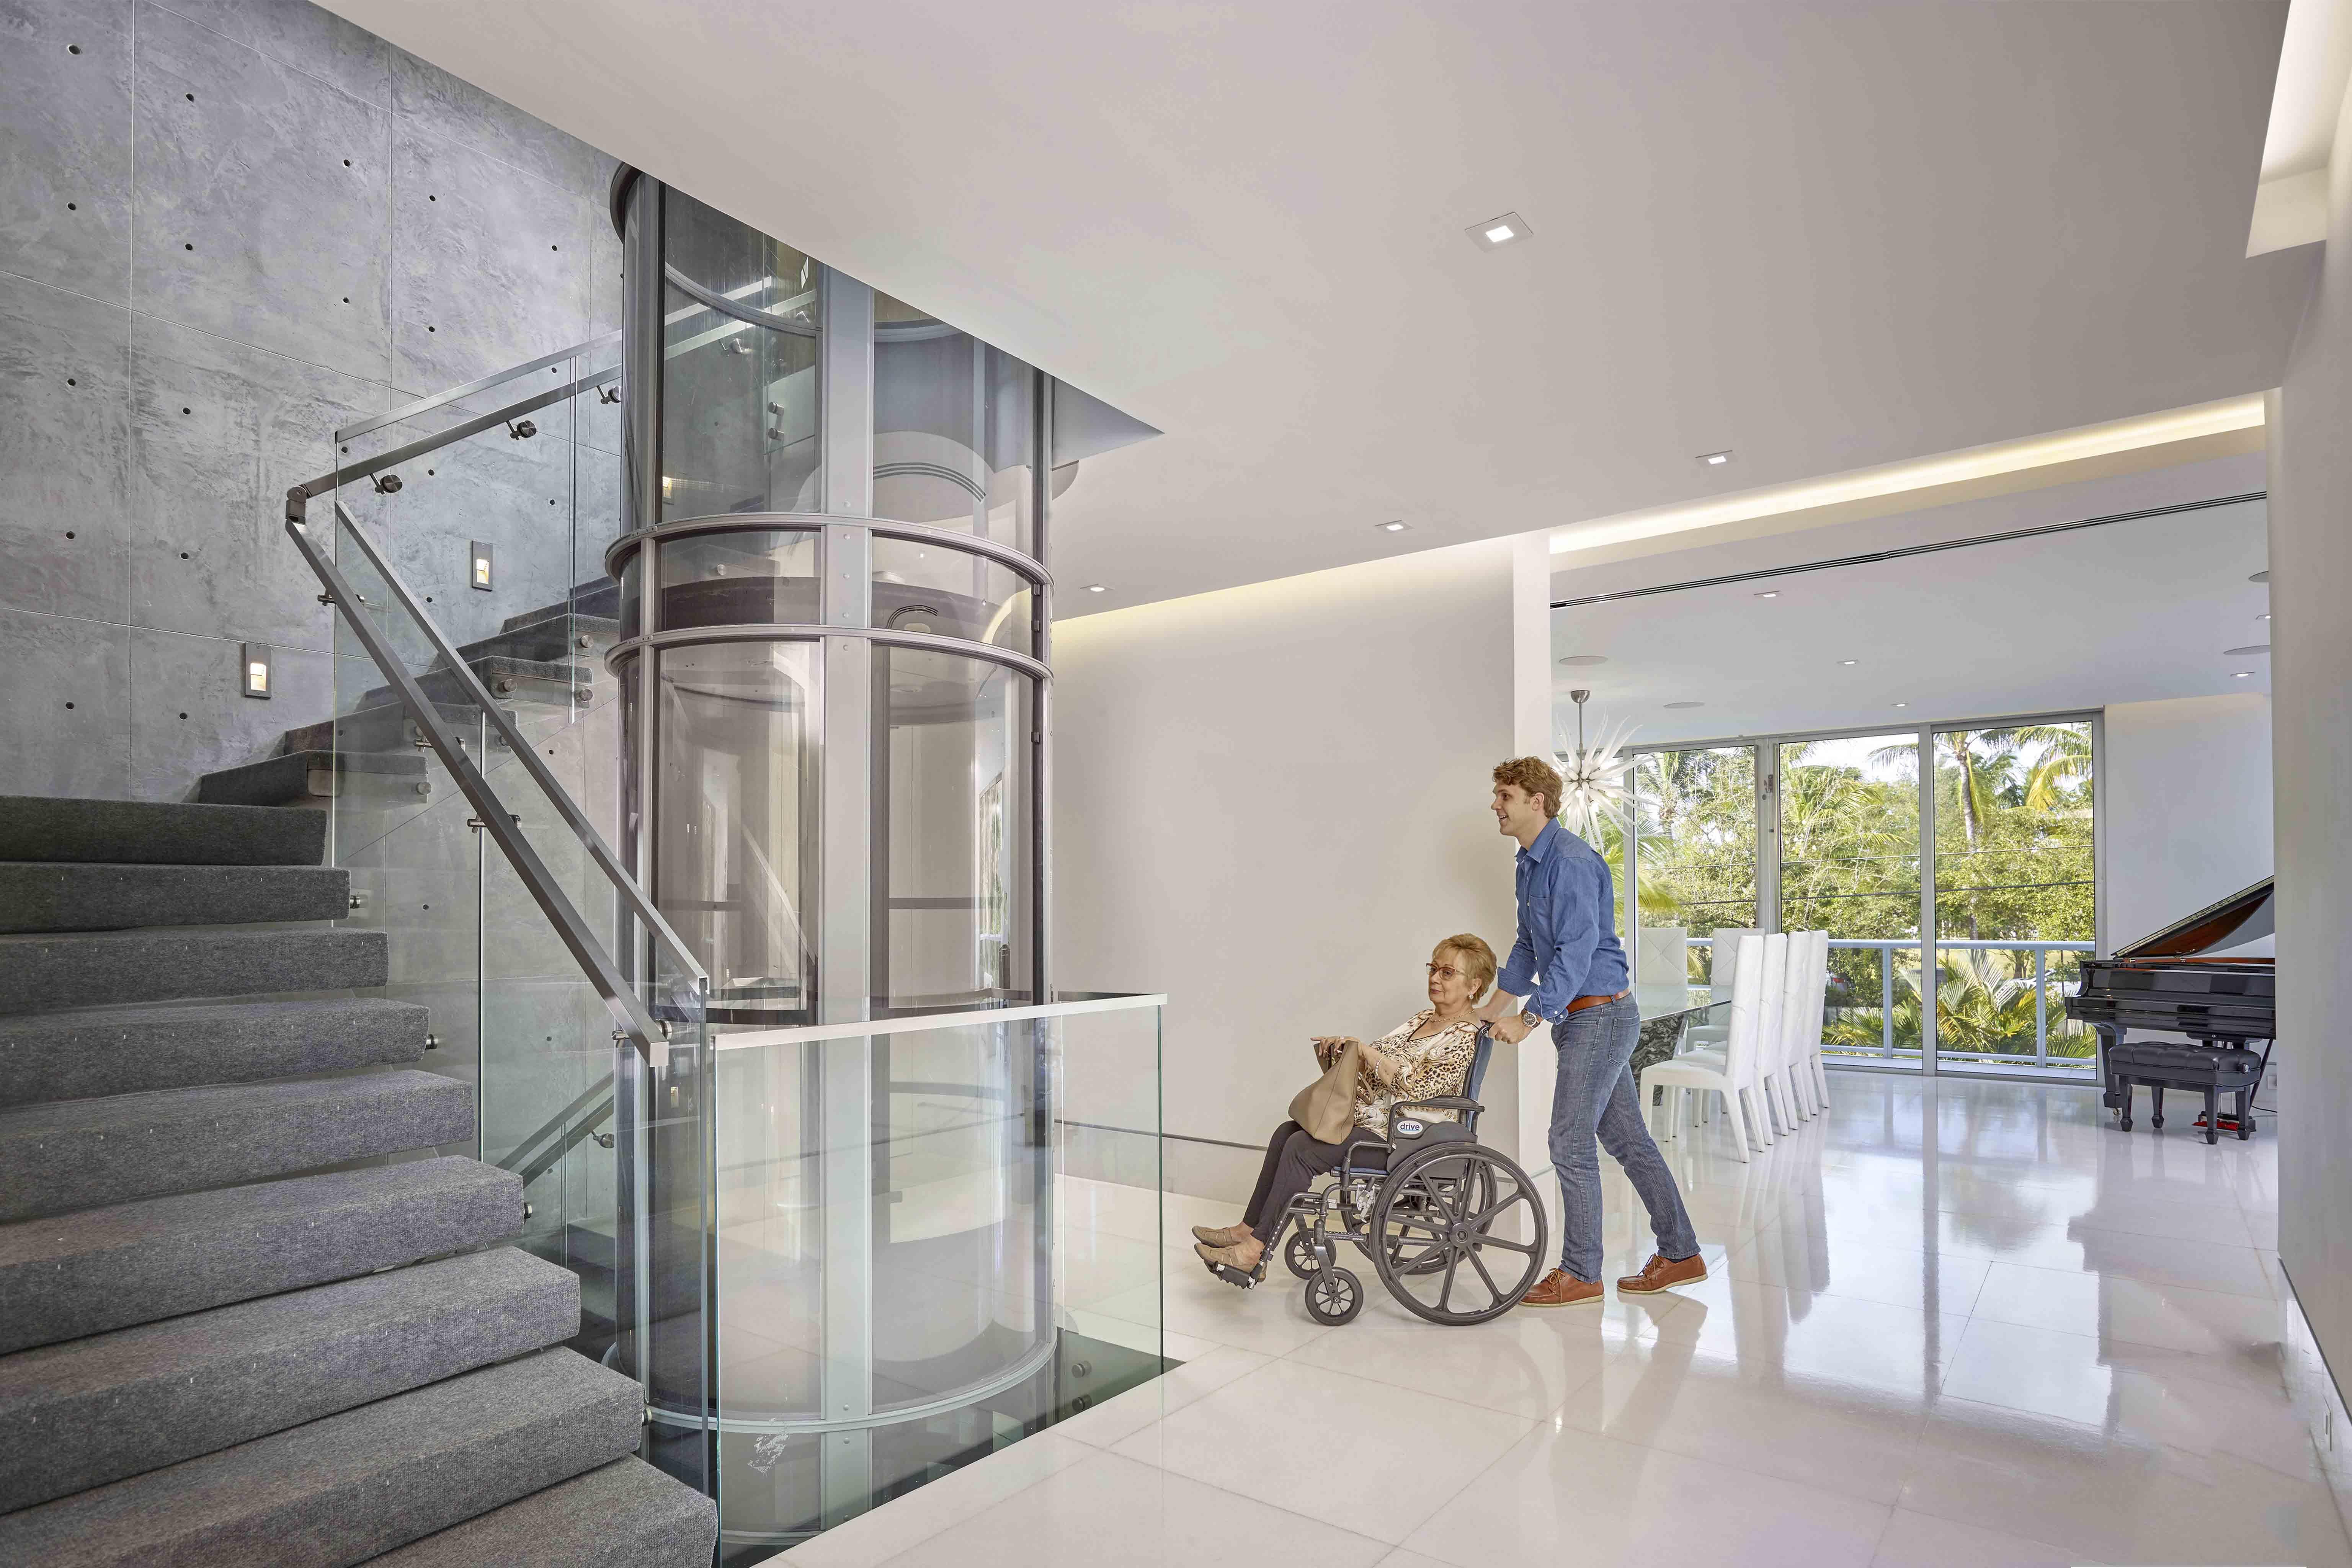 Ascensor unifamiliar neum tico ascensores wolair - Ascensores para viviendas unifamiliares ...